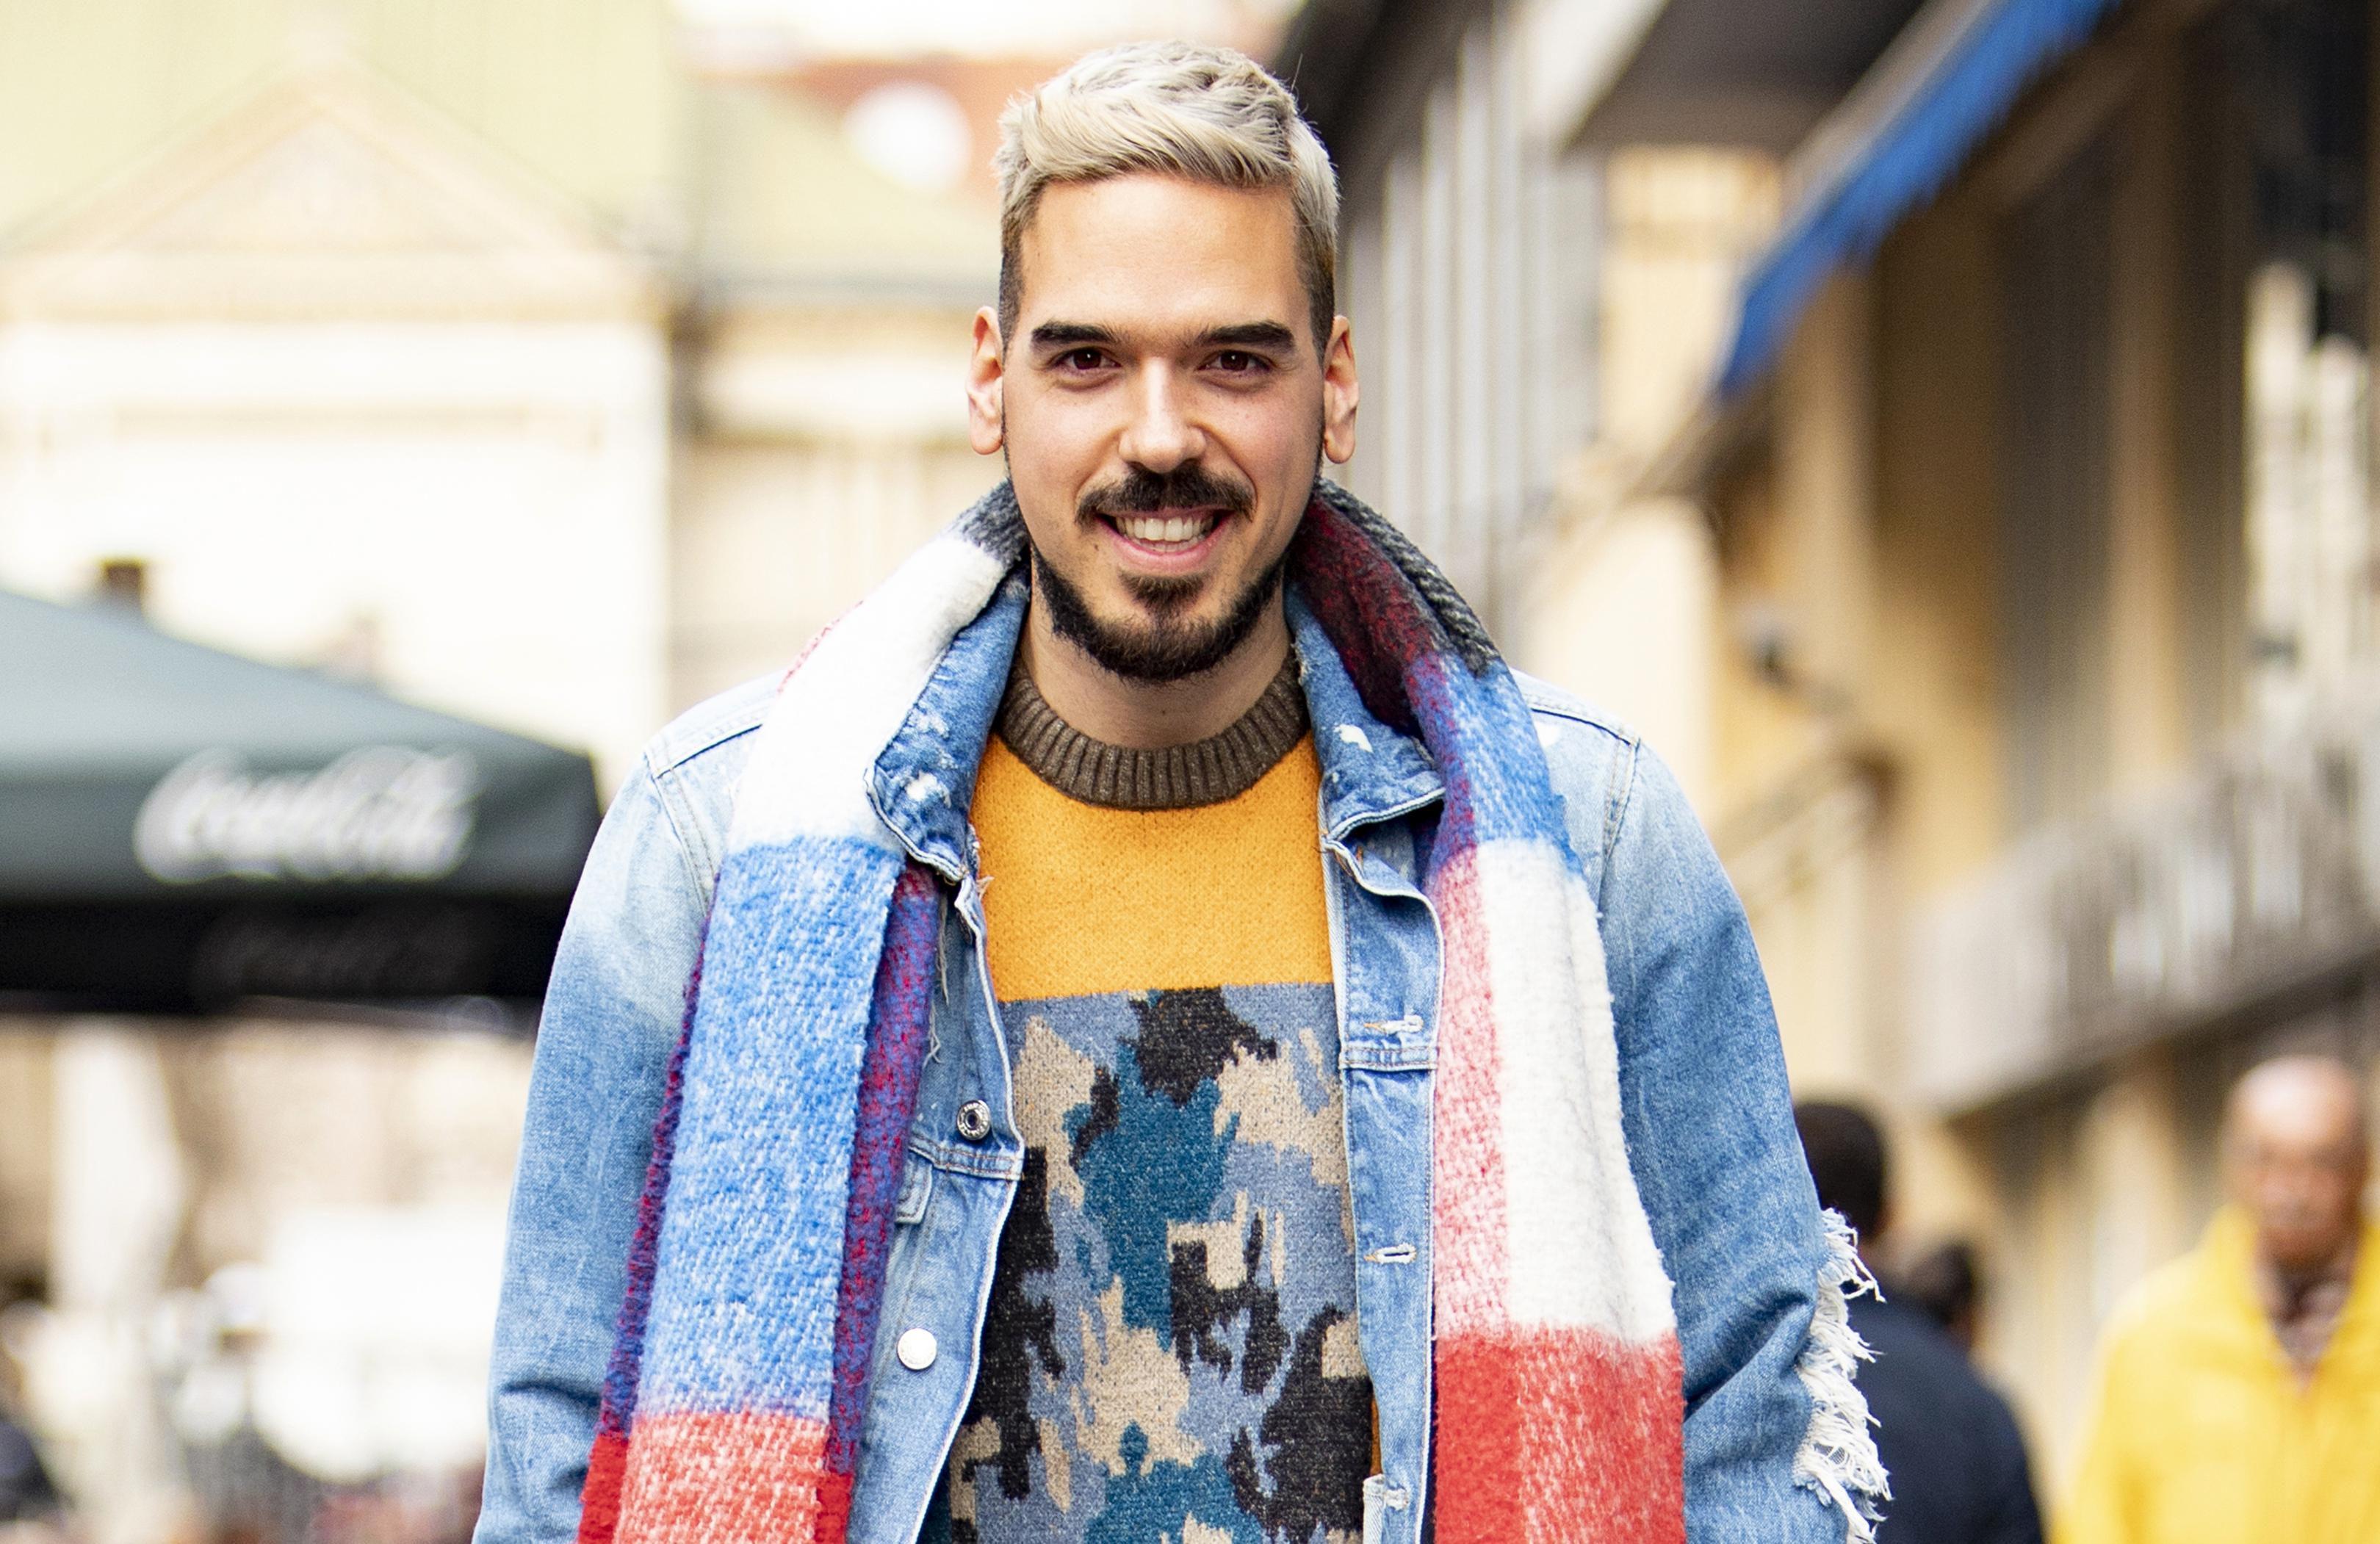 """Prezgodan frajer: """"Oduvijek volim biti drugačiji, a čak sam i kosu obojao da imam više boja na sebi"""""""